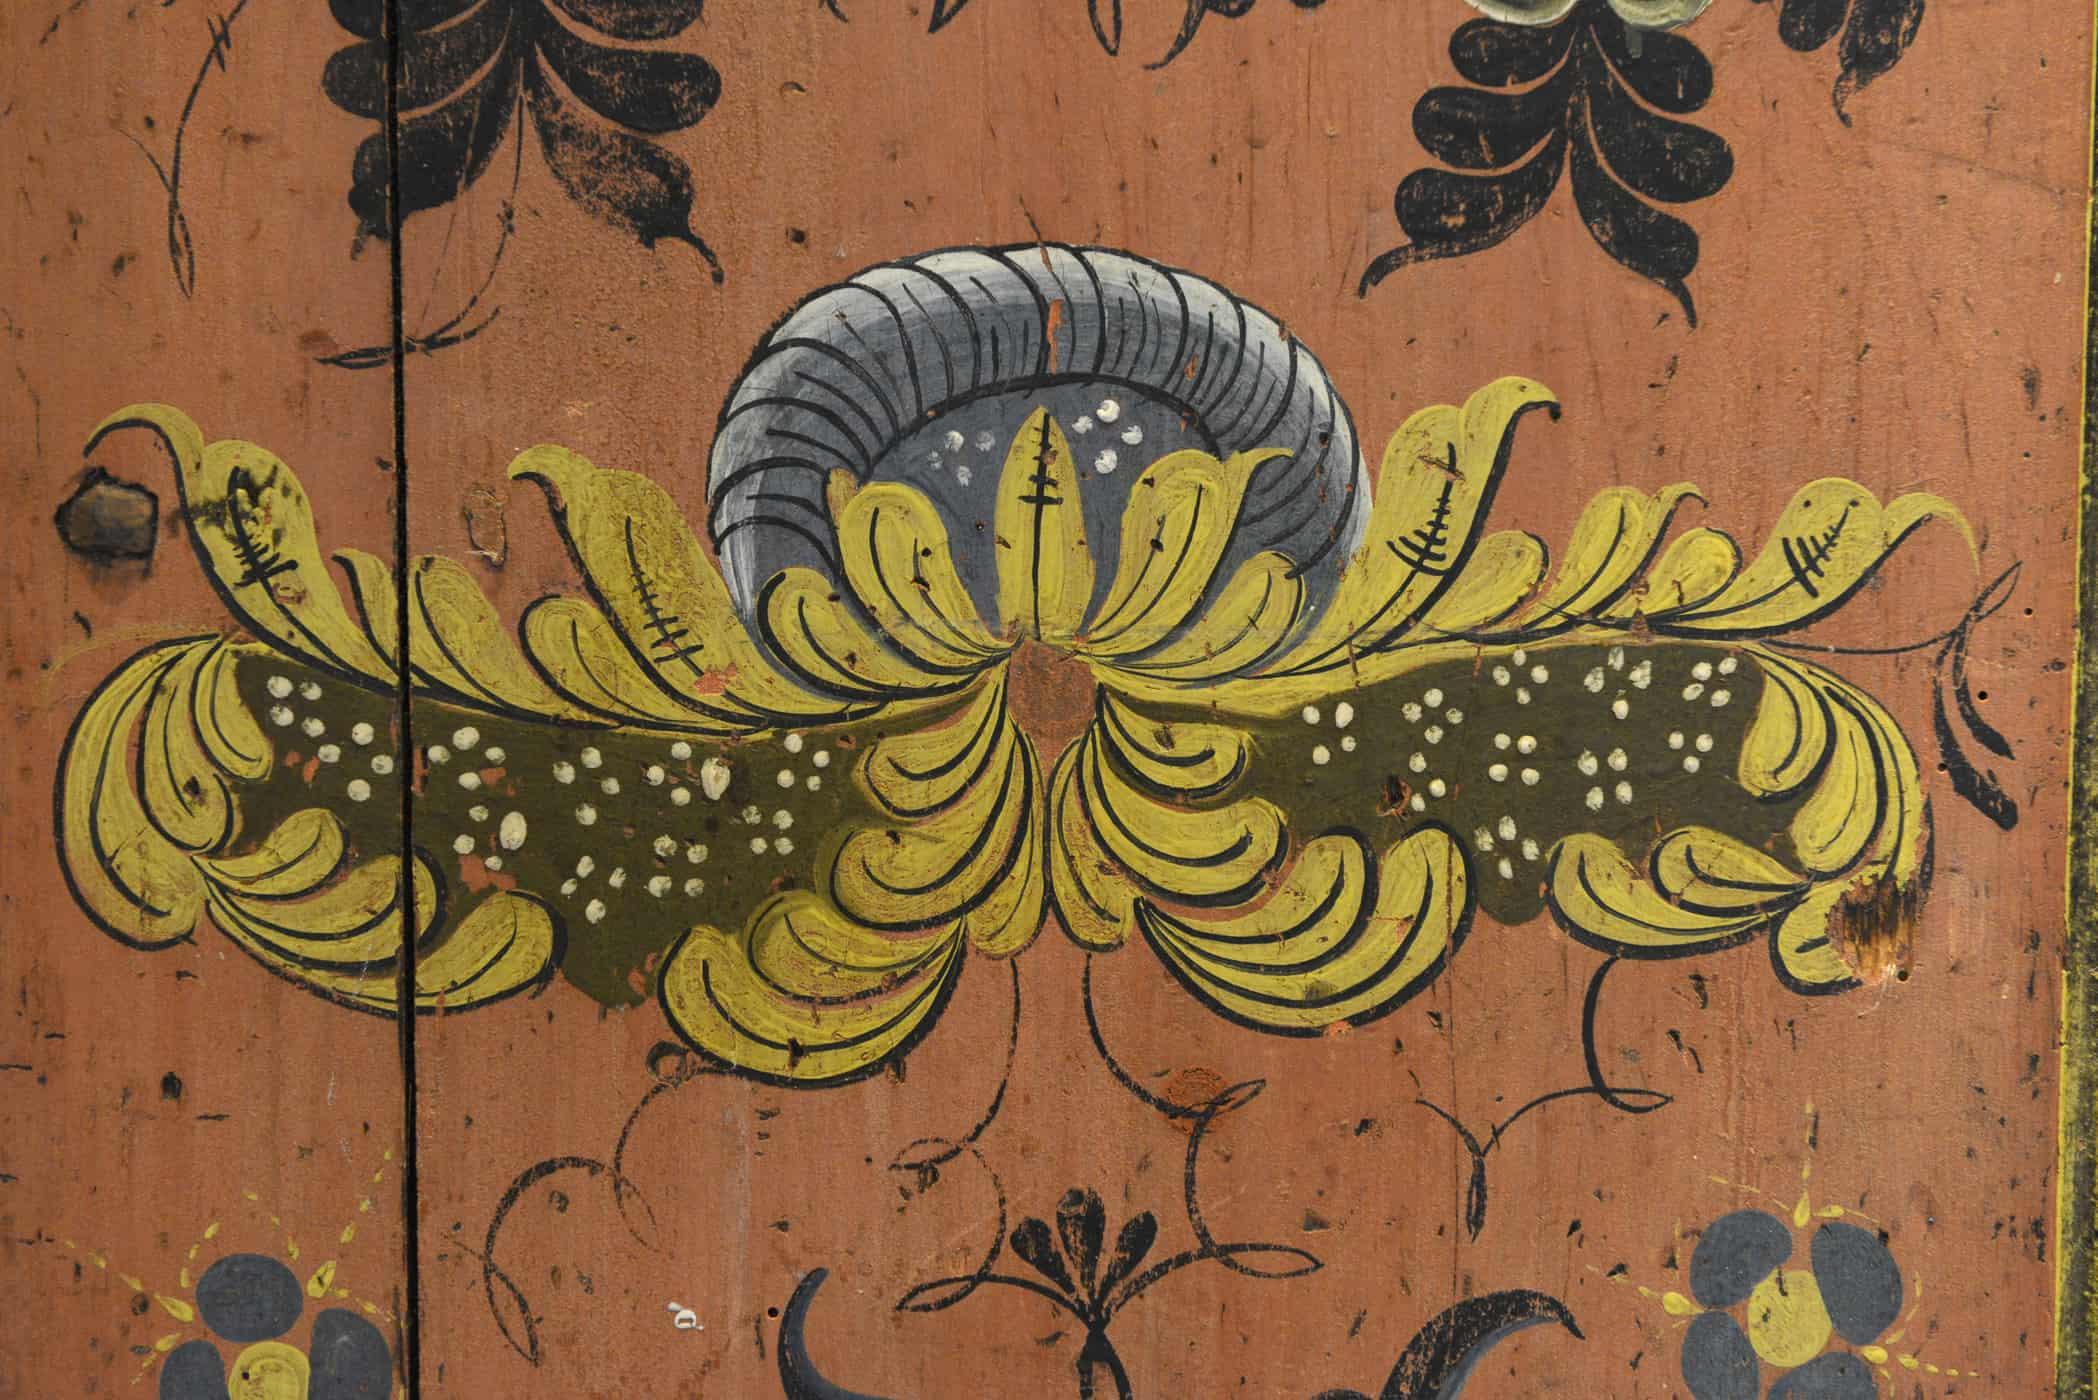 Vakkert bygget hengekannestol dekorert med rosemaling. Skapet er fra rundt 1840. Rosemalingen kan ved første øyekast minne om Nils Bæra, men er malt av en rosemaler som har hentet inspirasjonen sin fra kanskje både Bæra og Torstein Sand. Påmalt navnet Engebret Torkildsen